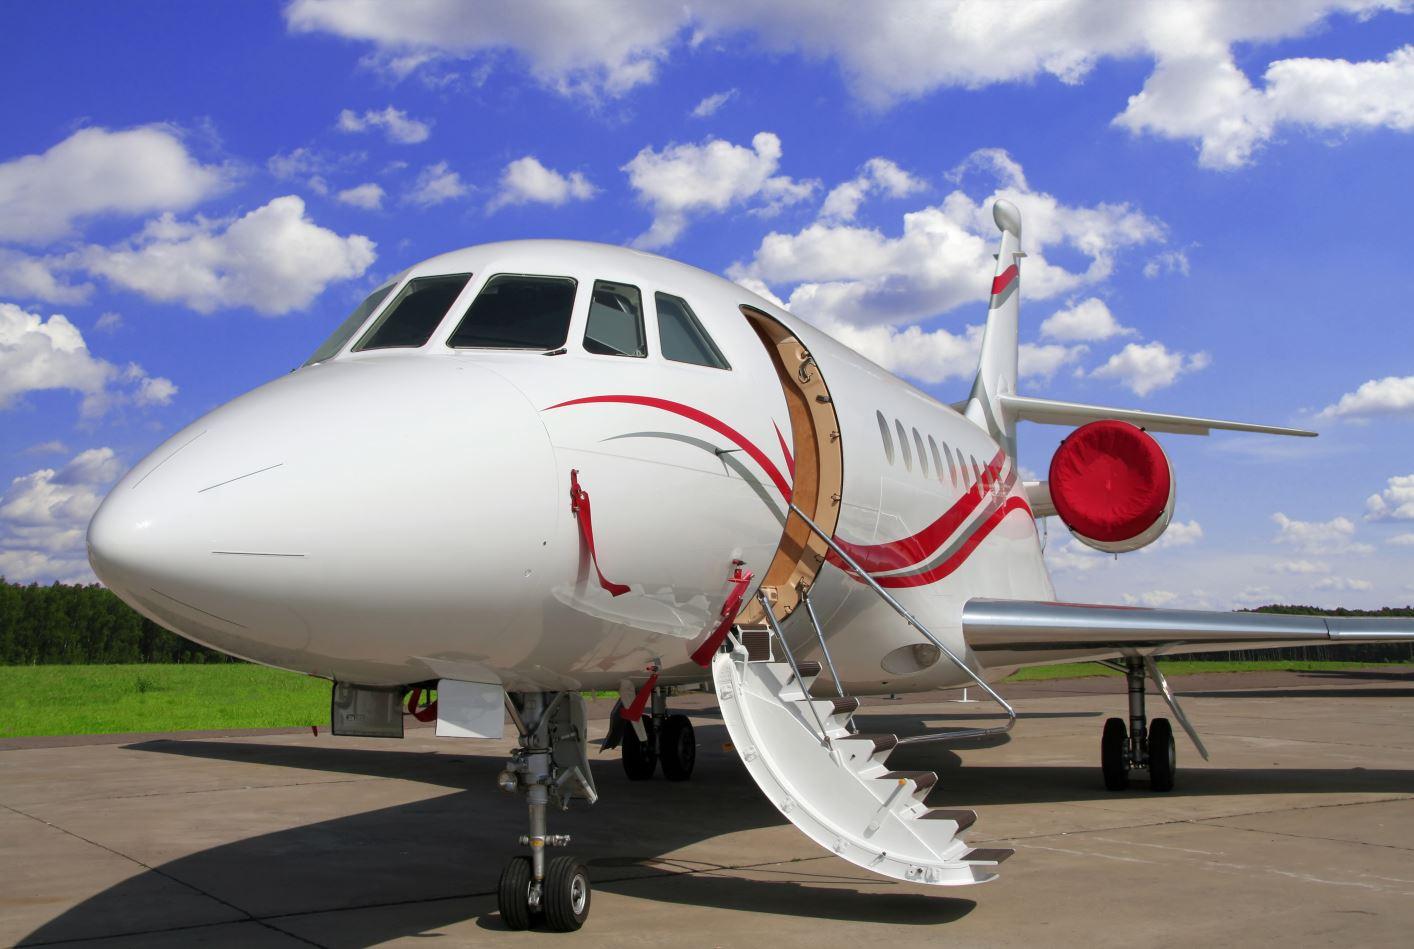 Малая авиация в Мексике: заказать самолет